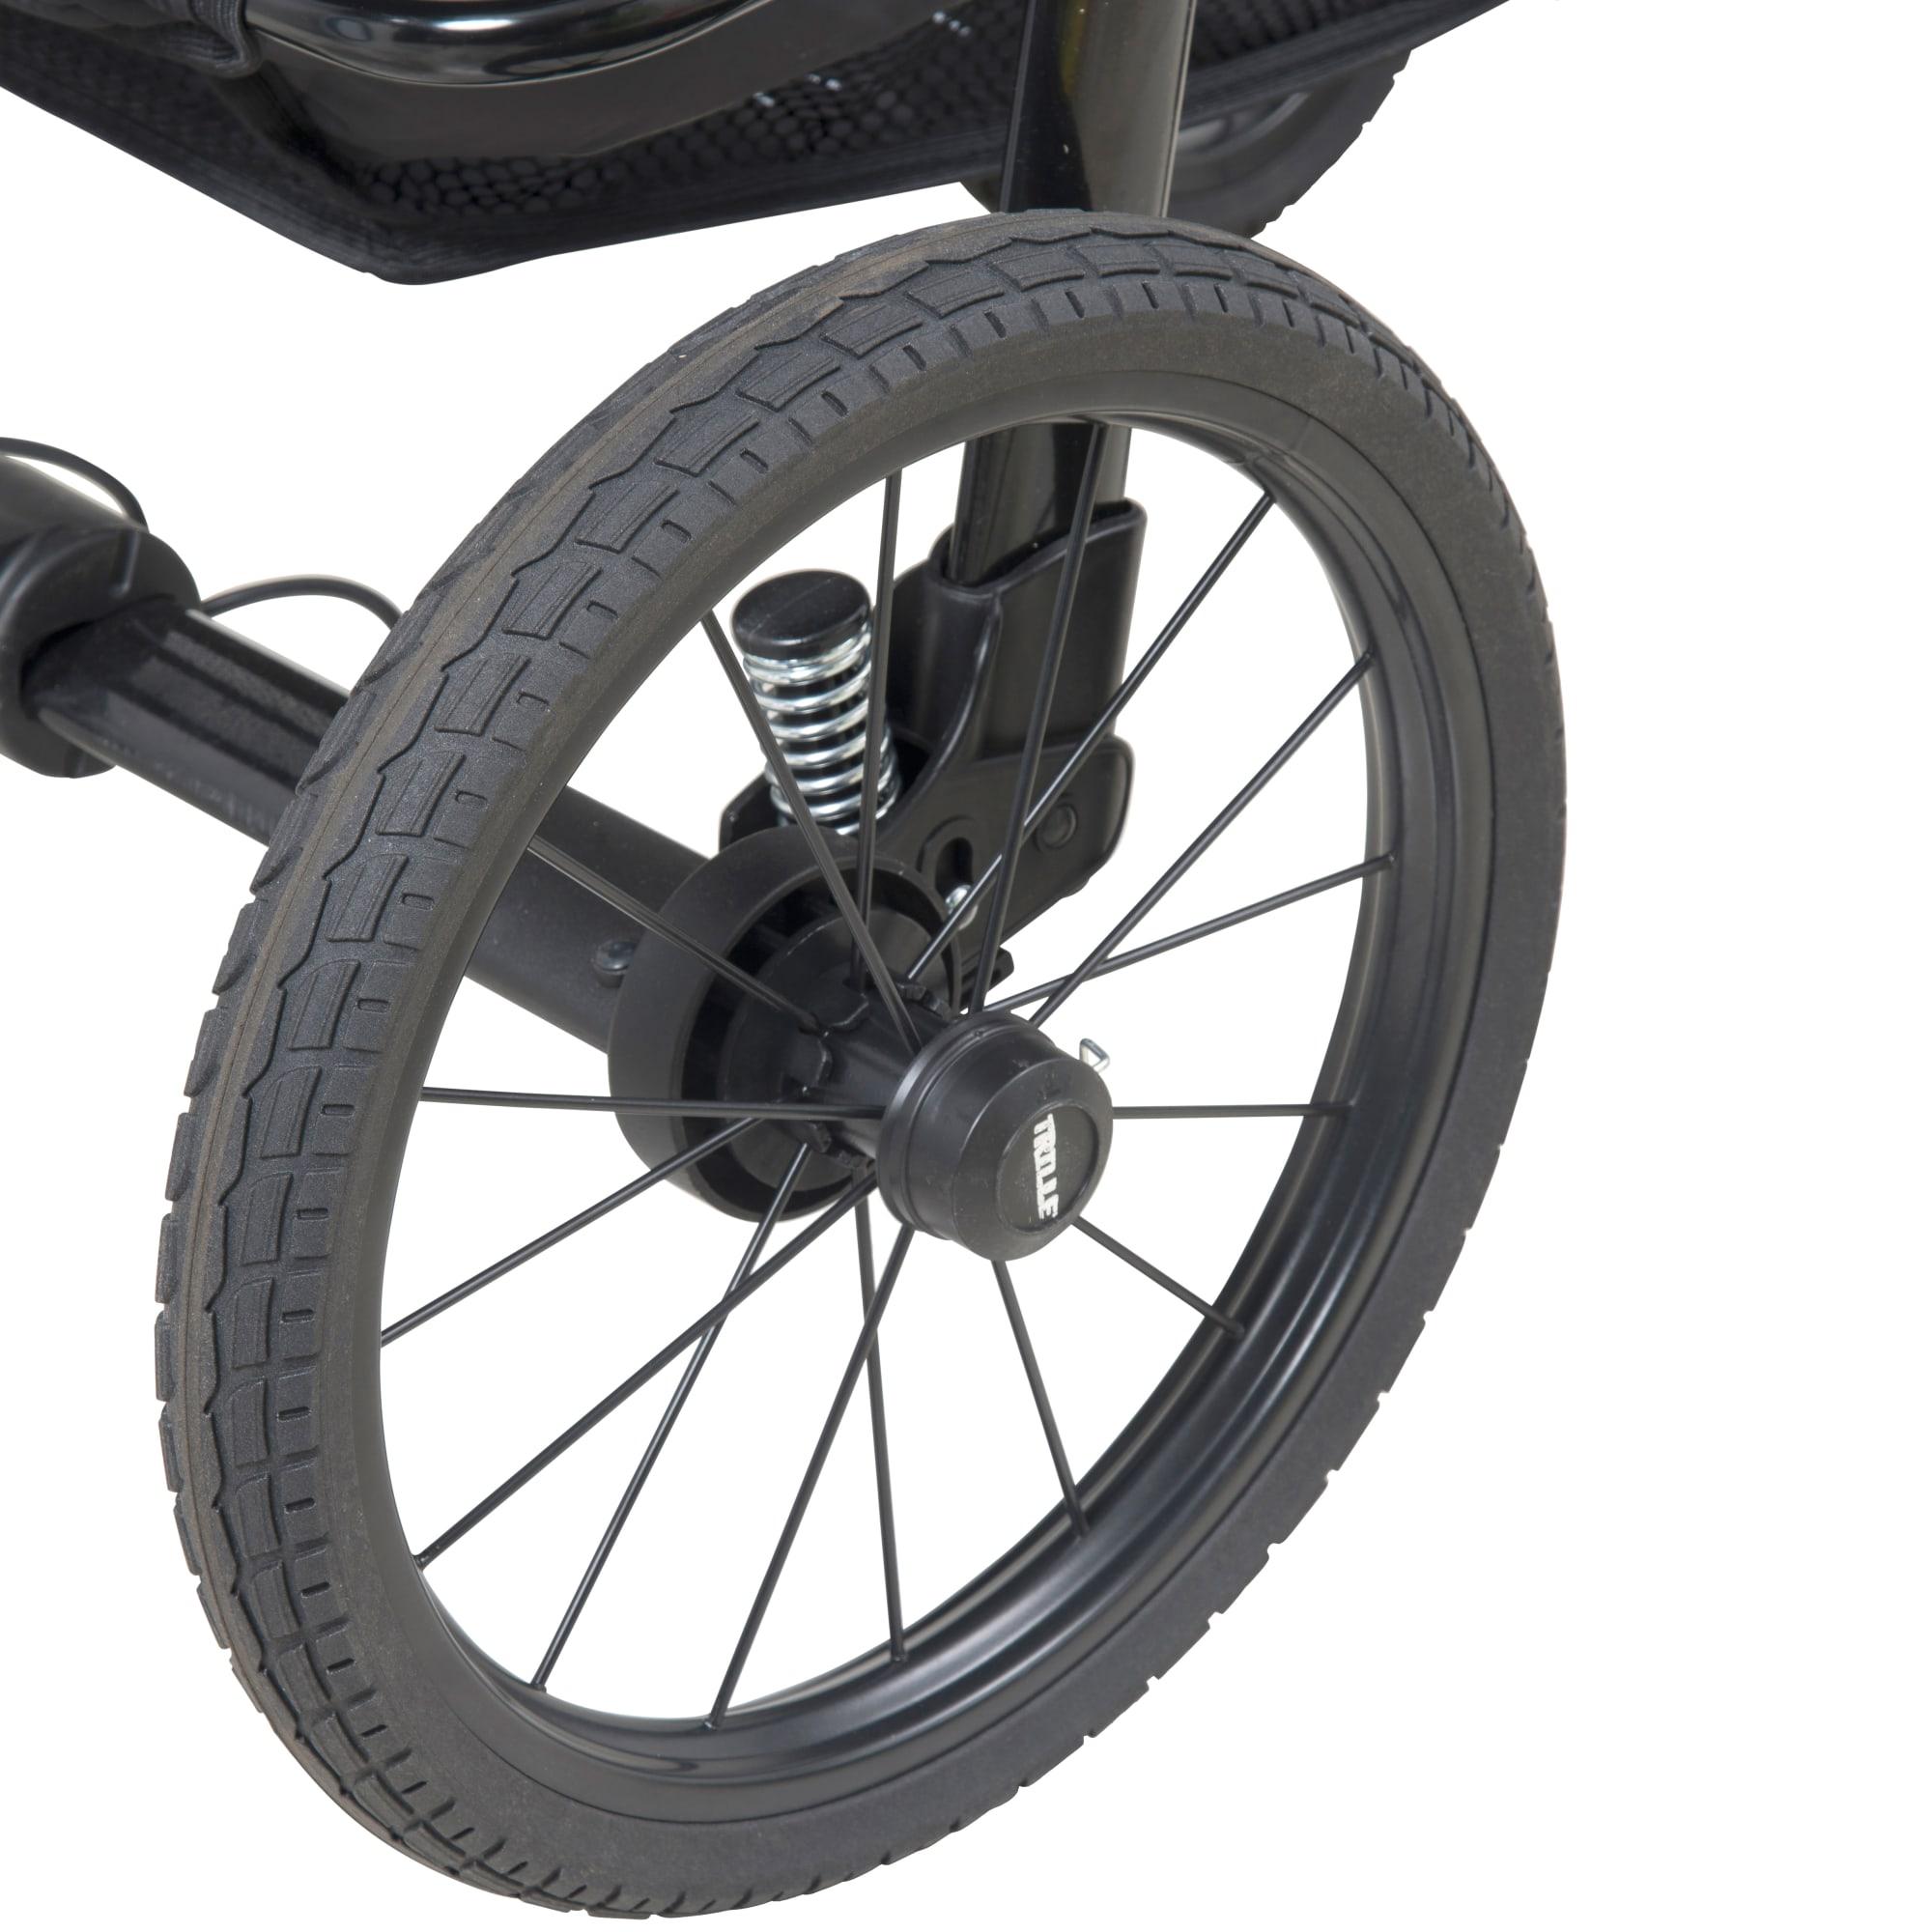 1 stk. punktérfrit og massivt hjul - Passer til BabyTrold barnevogne